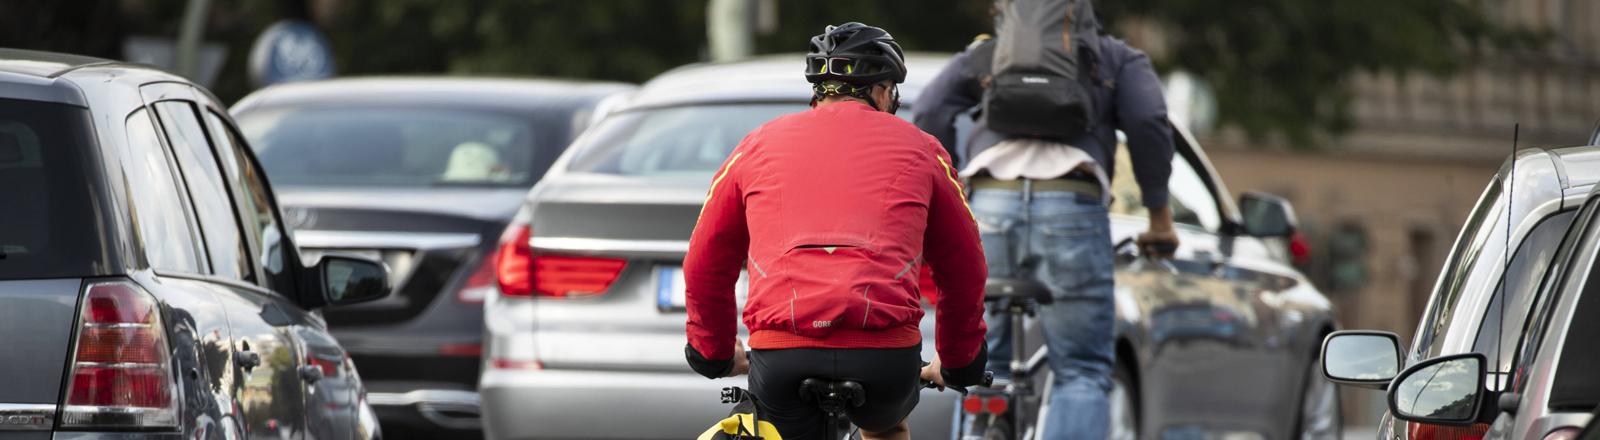 Radfahrer zwischen Autos